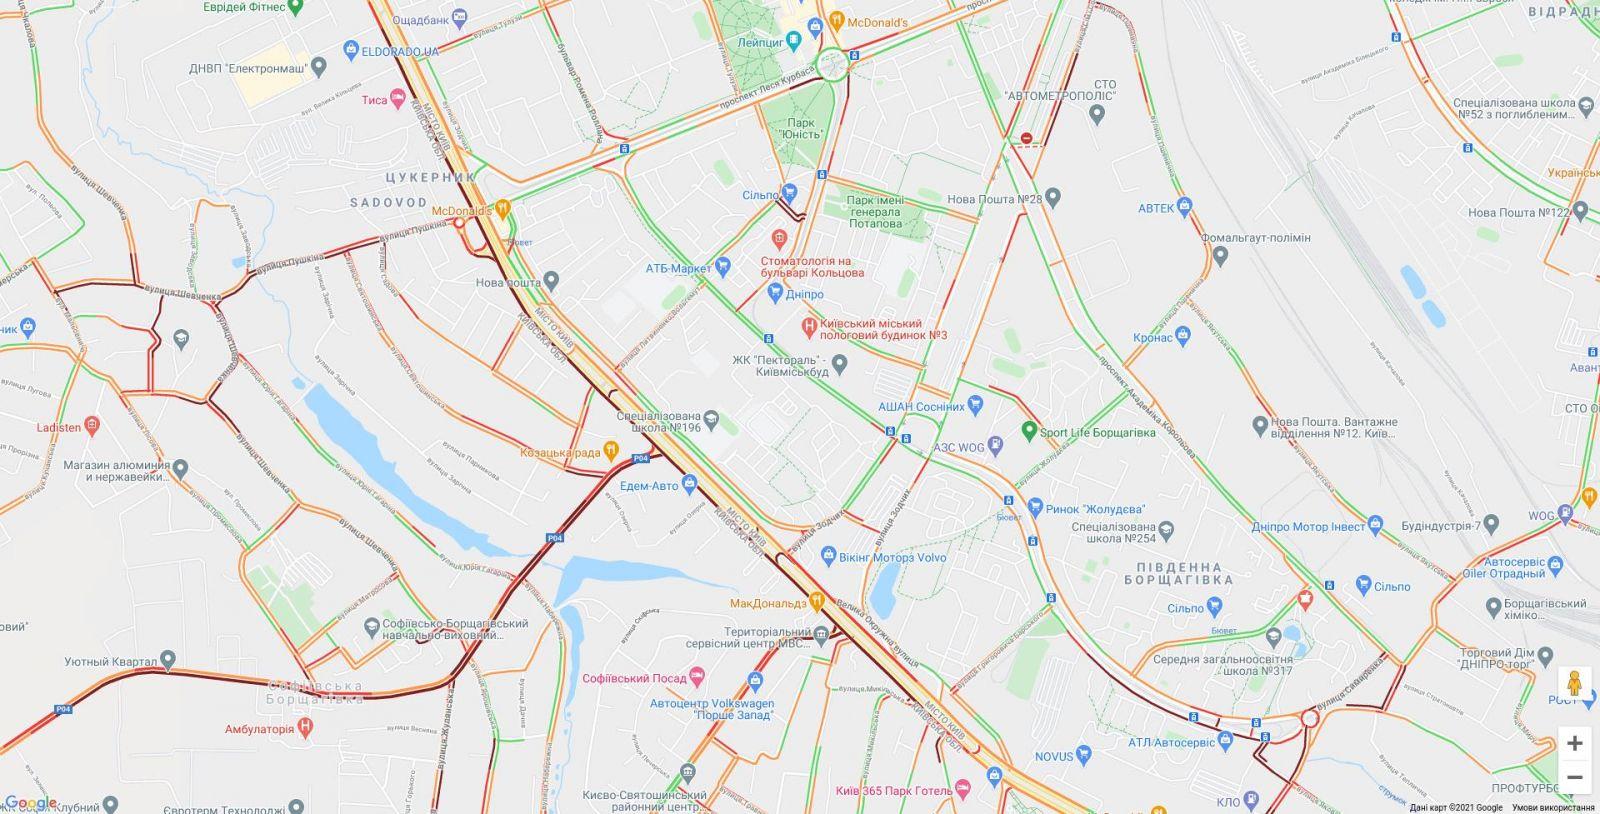 Пробки в Киеве, инфографика: КГГА